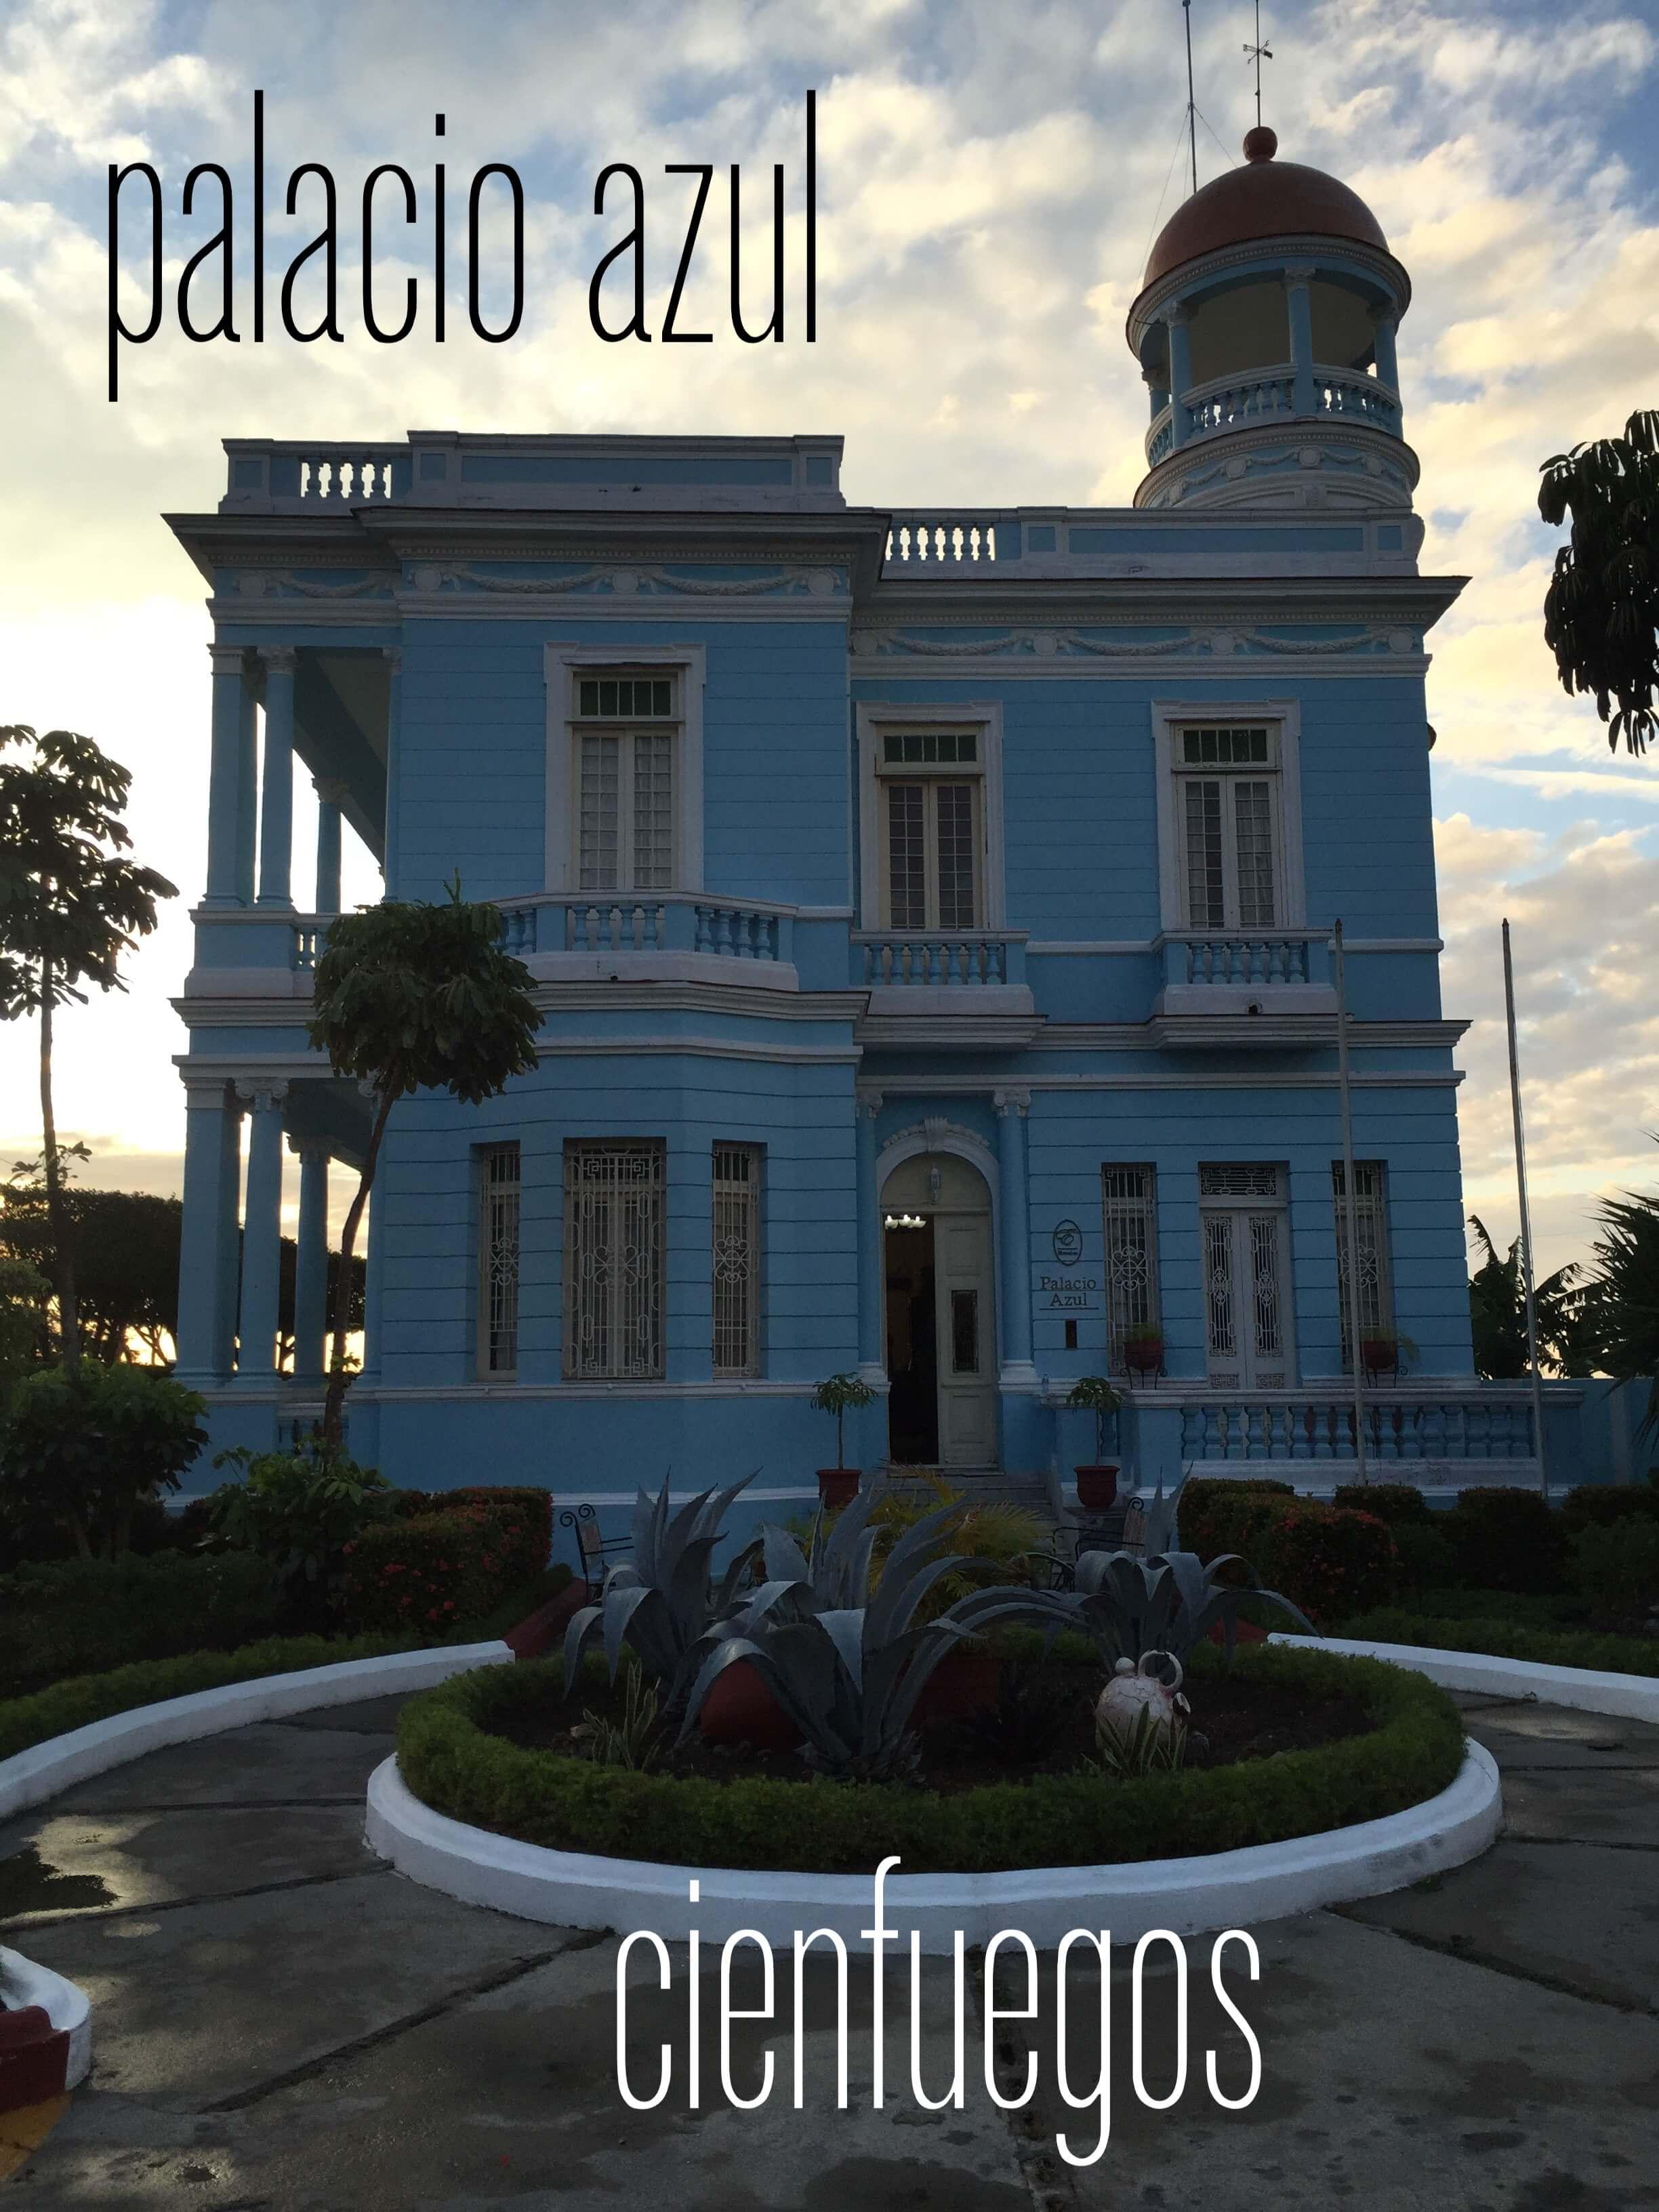 Cienfuegos Hotel Palacio Azul